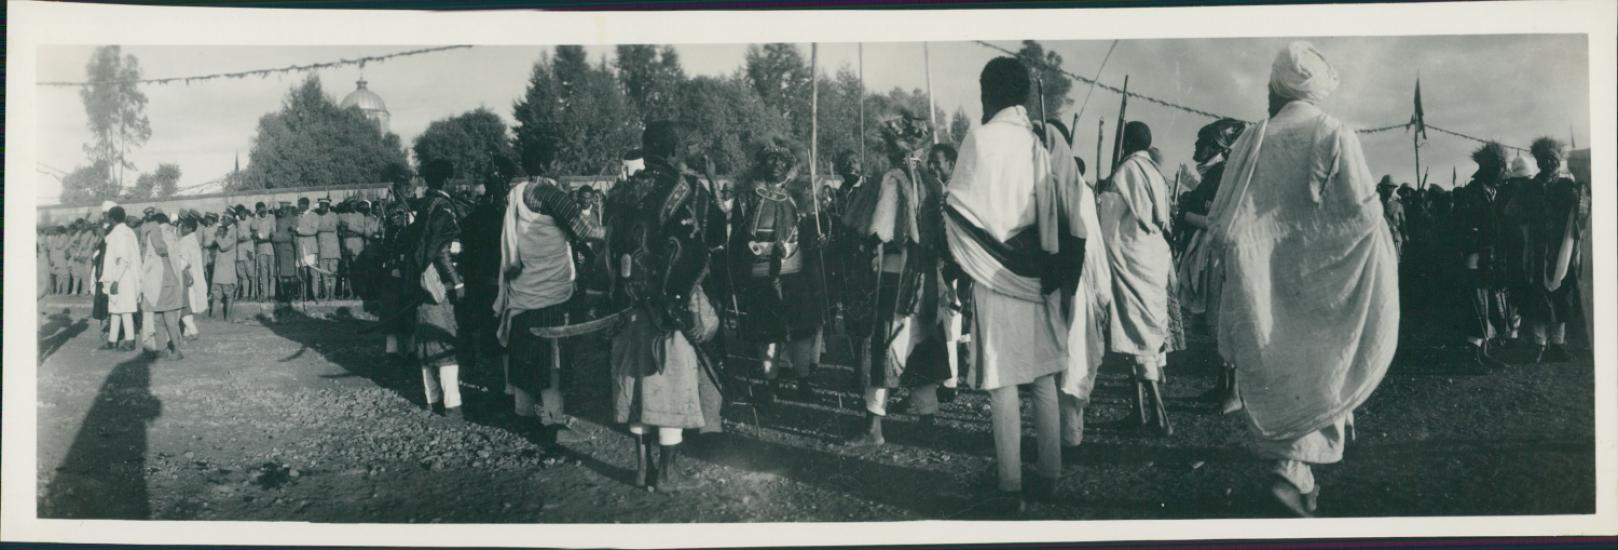 ethiopie les guerriers thiopiens accueillent l 39 empereur les ann es 1900 1940 actualit s. Black Bedroom Furniture Sets. Home Design Ideas